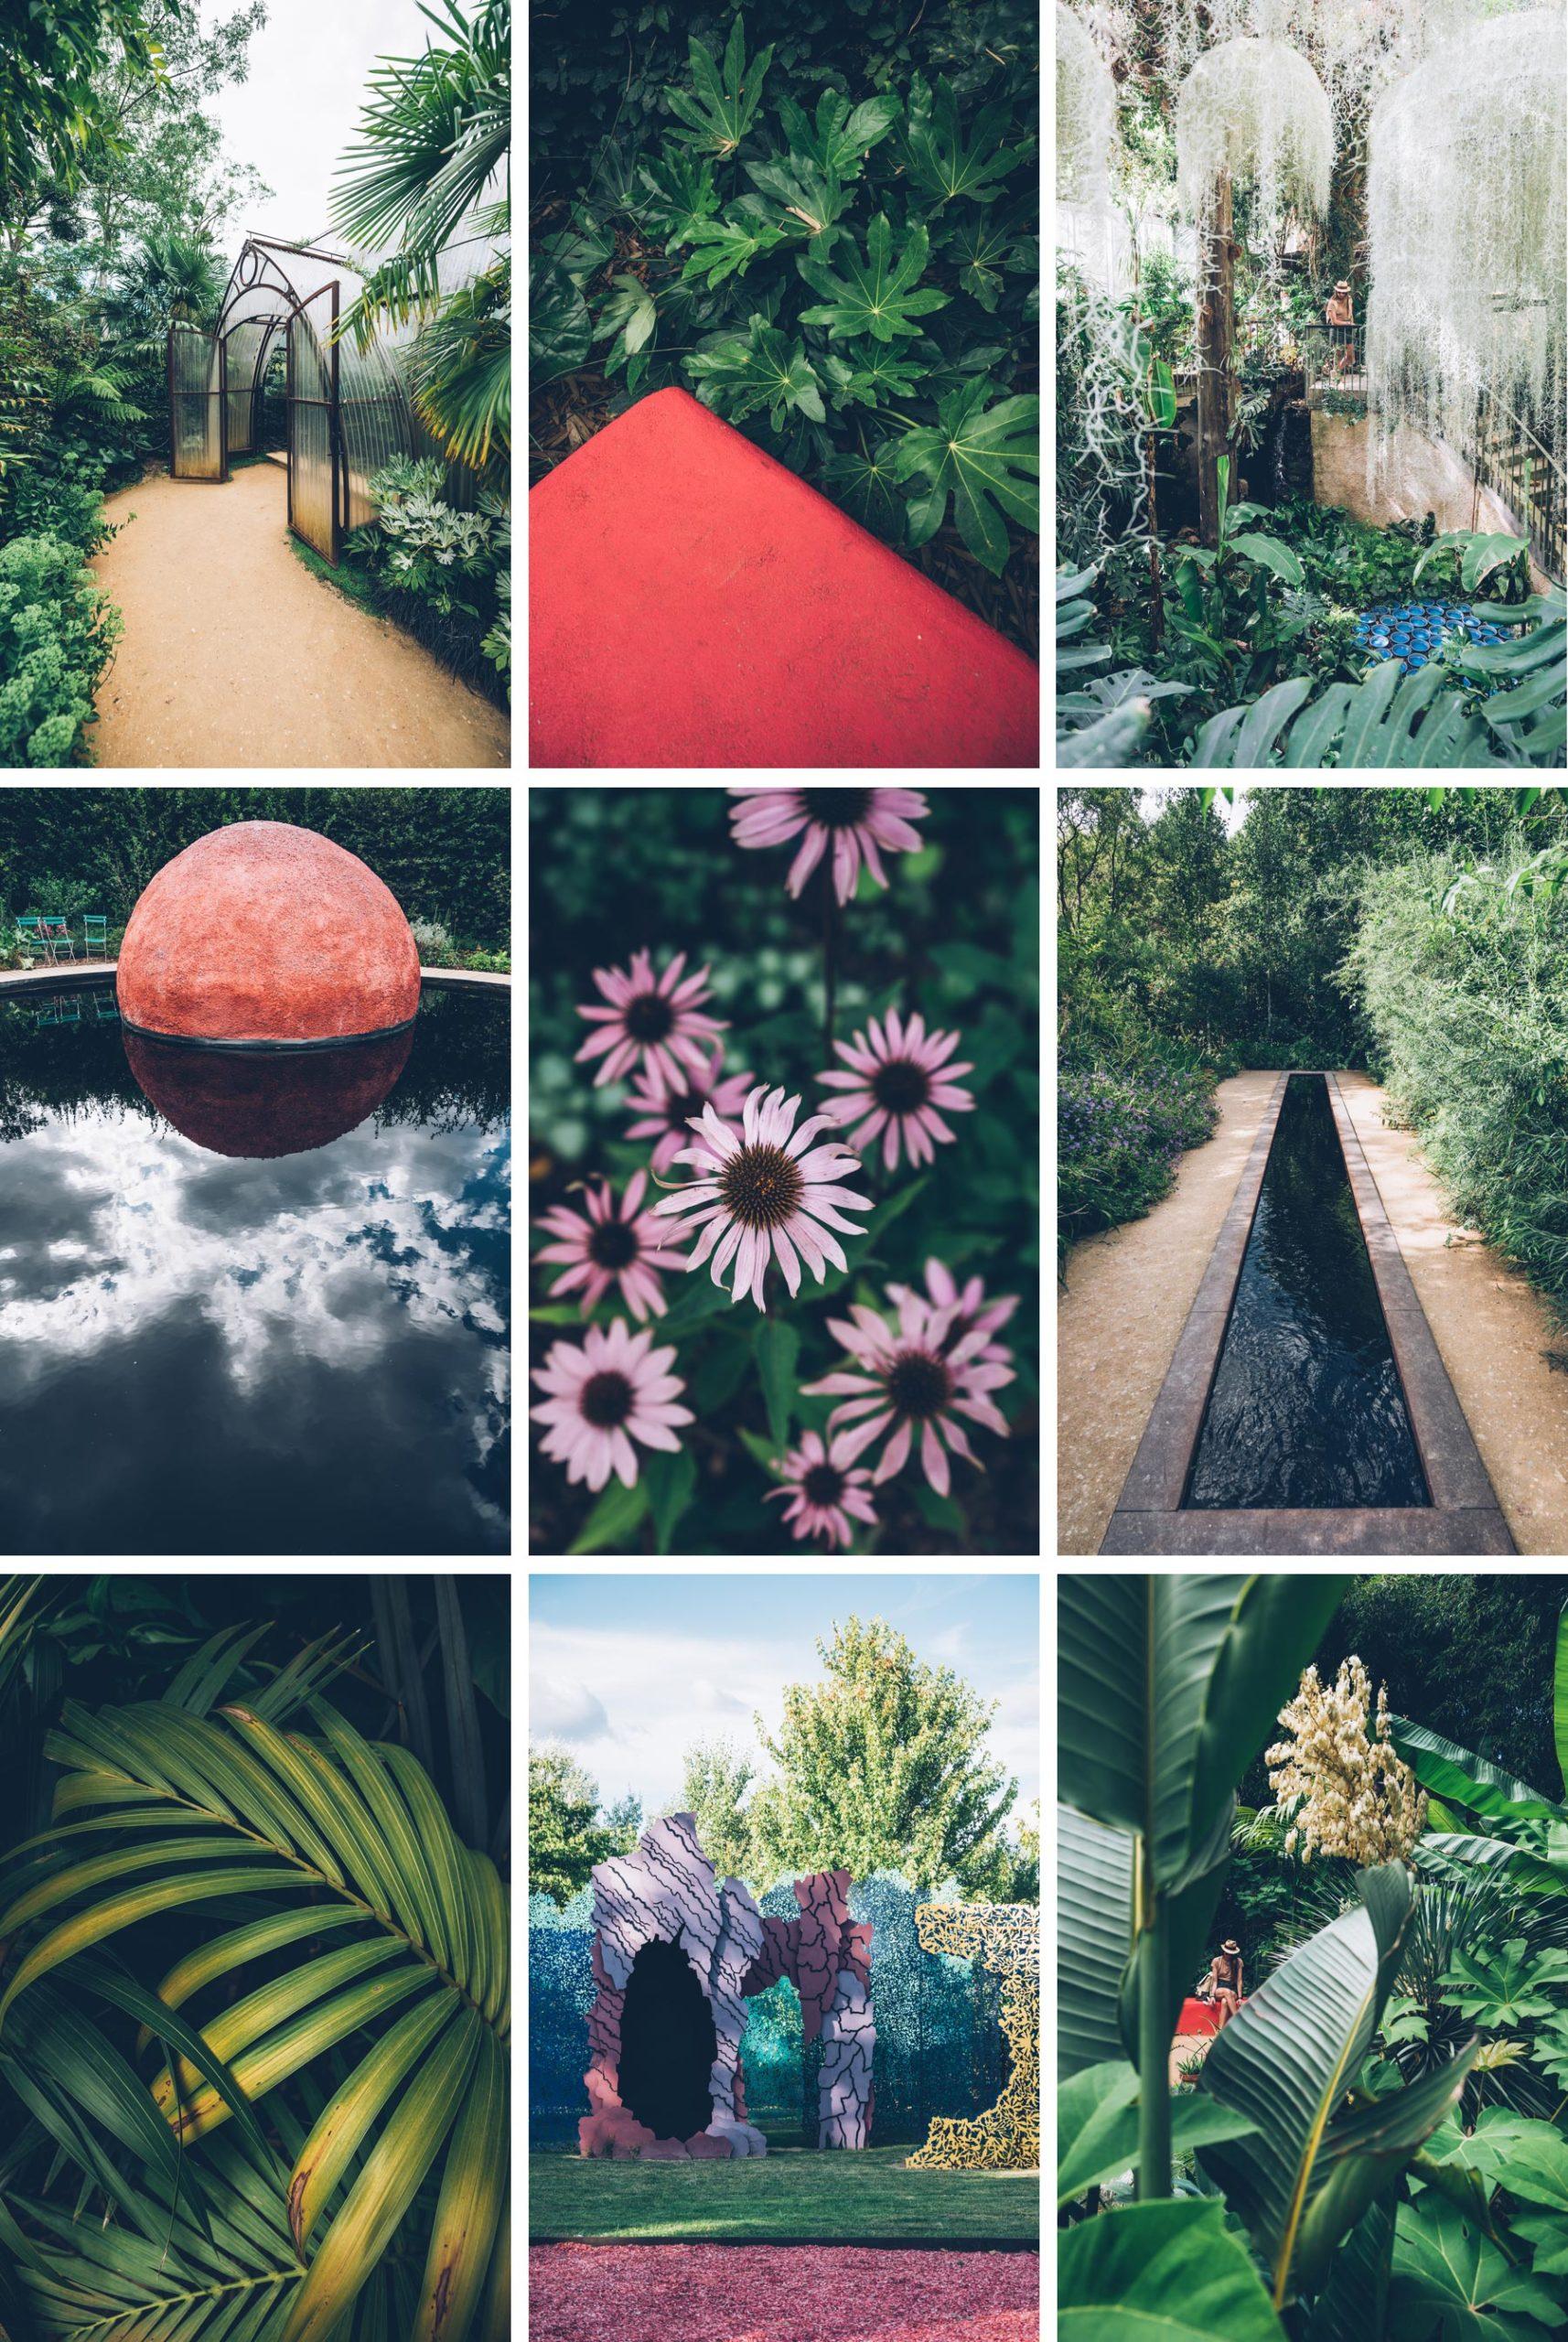 Les jardins de Chaumont